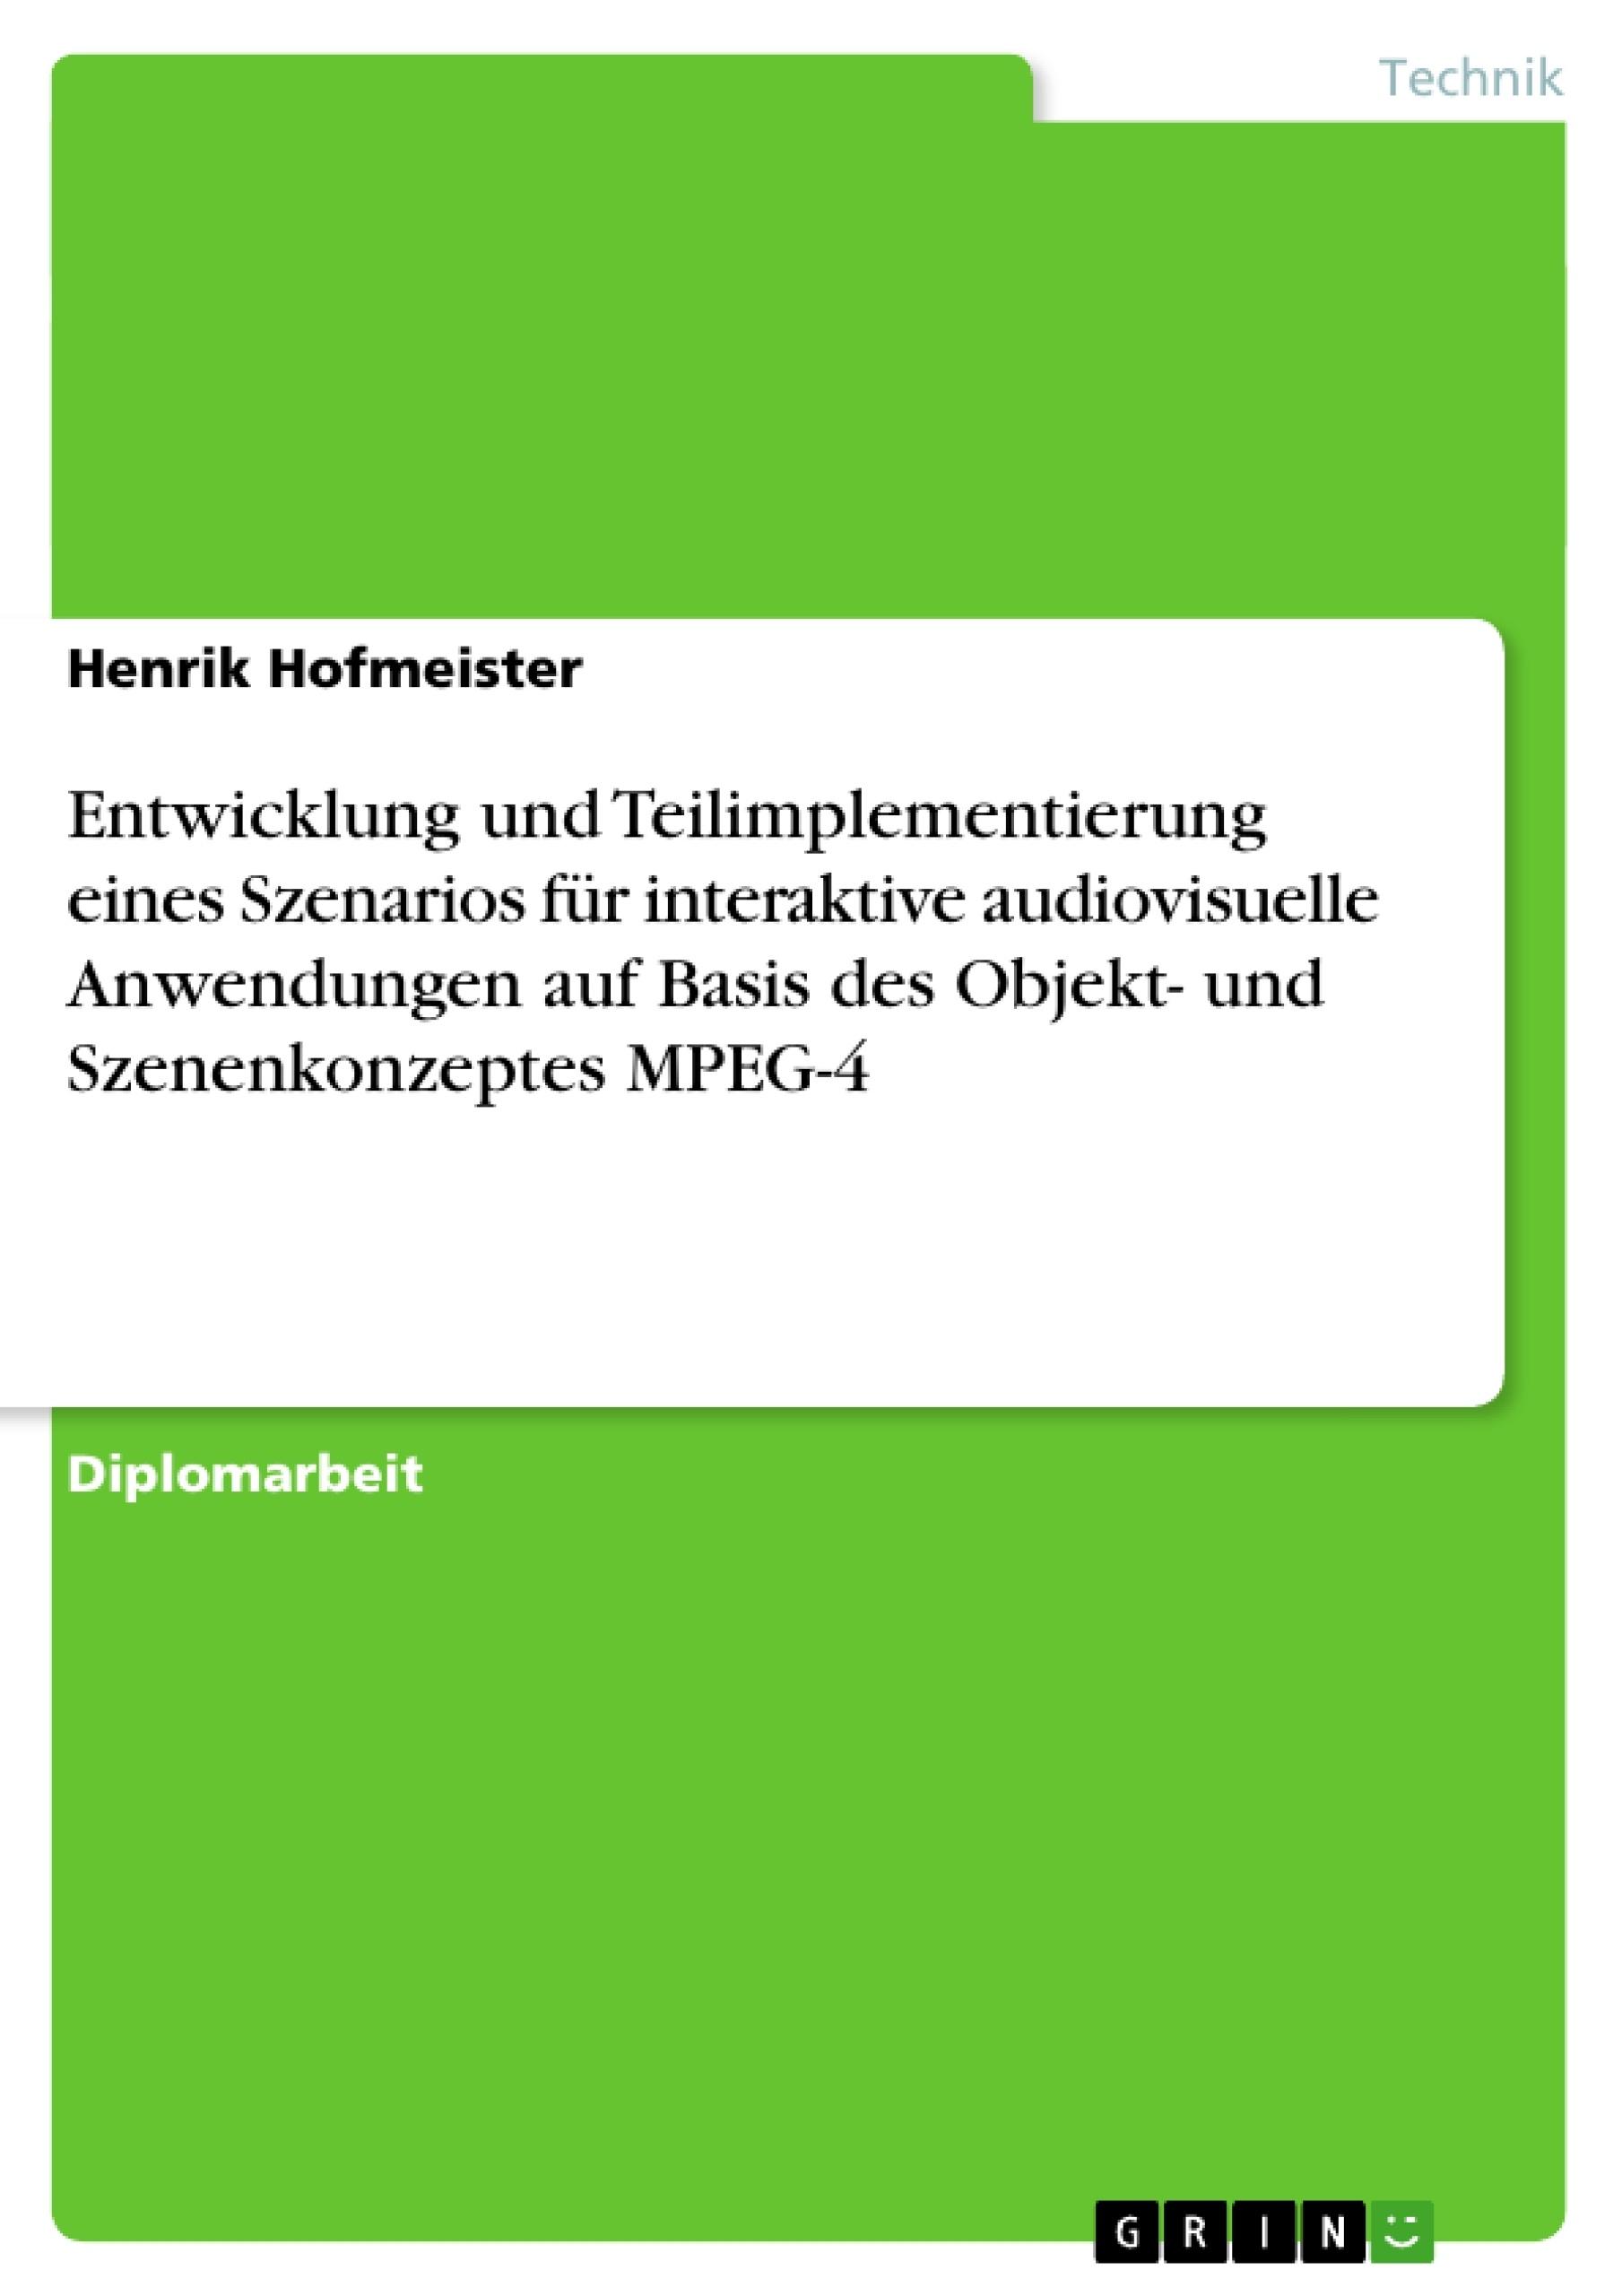 Titel: Entwicklung und Teilimplementierung eines Szenarios für interaktive audiovisuelle Anwendungen auf Basis des Objekt- und Szenenkonzeptes MPEG-4